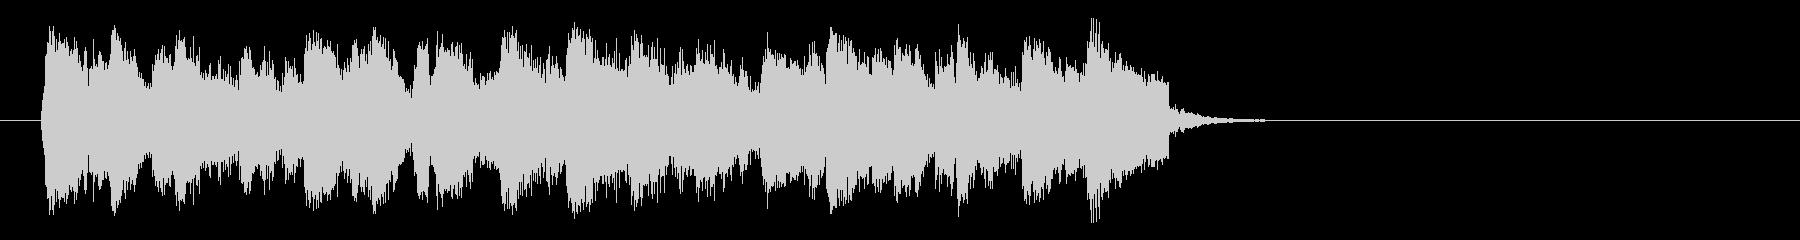 懐しいビッグバンドジャズ(イントロ)の未再生の波形